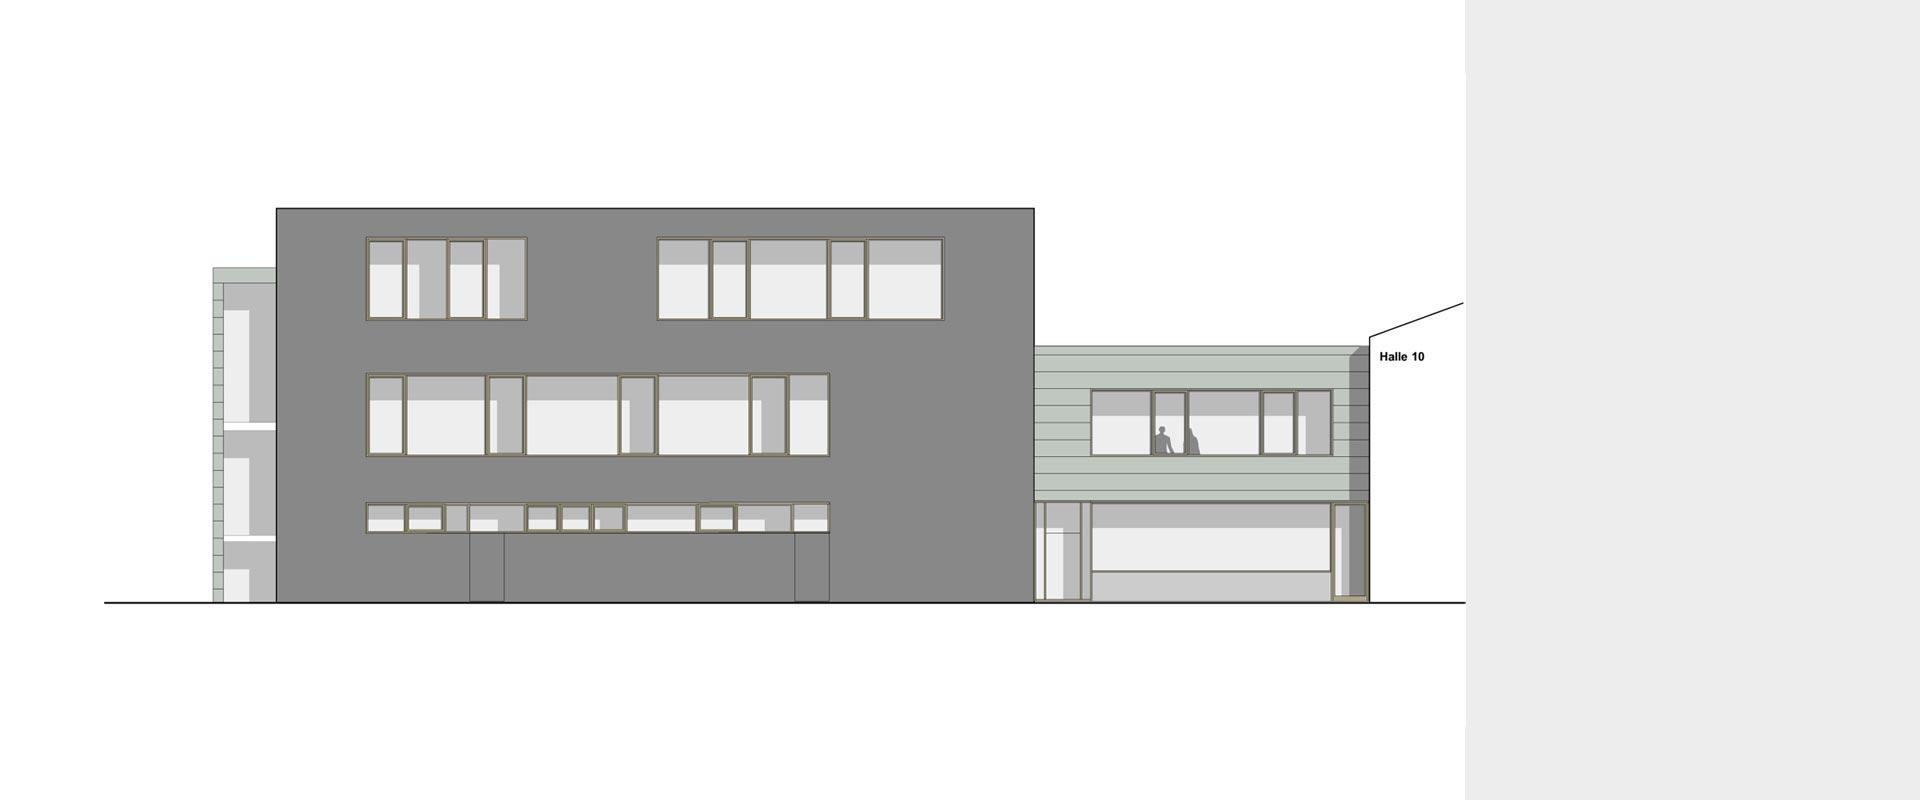 architekturbuero_henning_musahl_vogt07